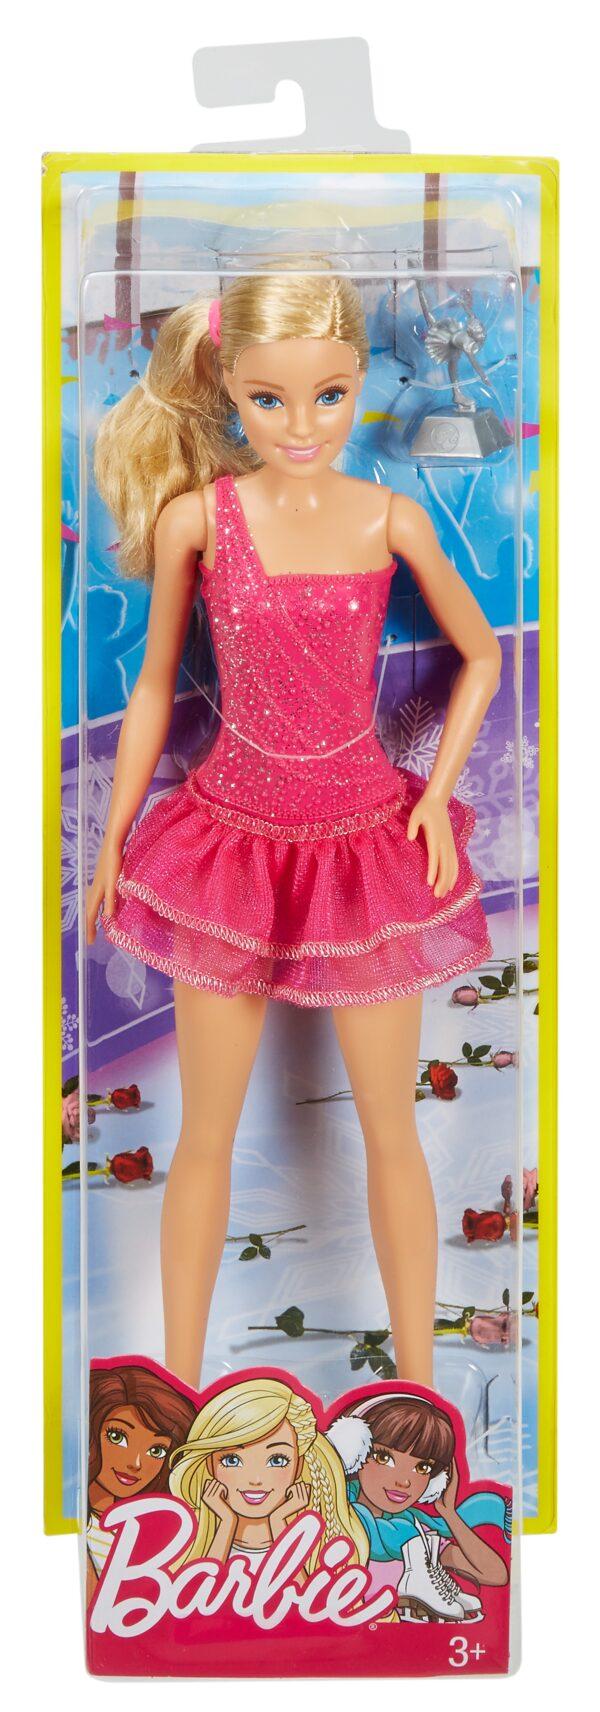 ALTRI Barbie Carriere Assortimento Barbie 12-36 Mesi, 3-5 Anni Femmina